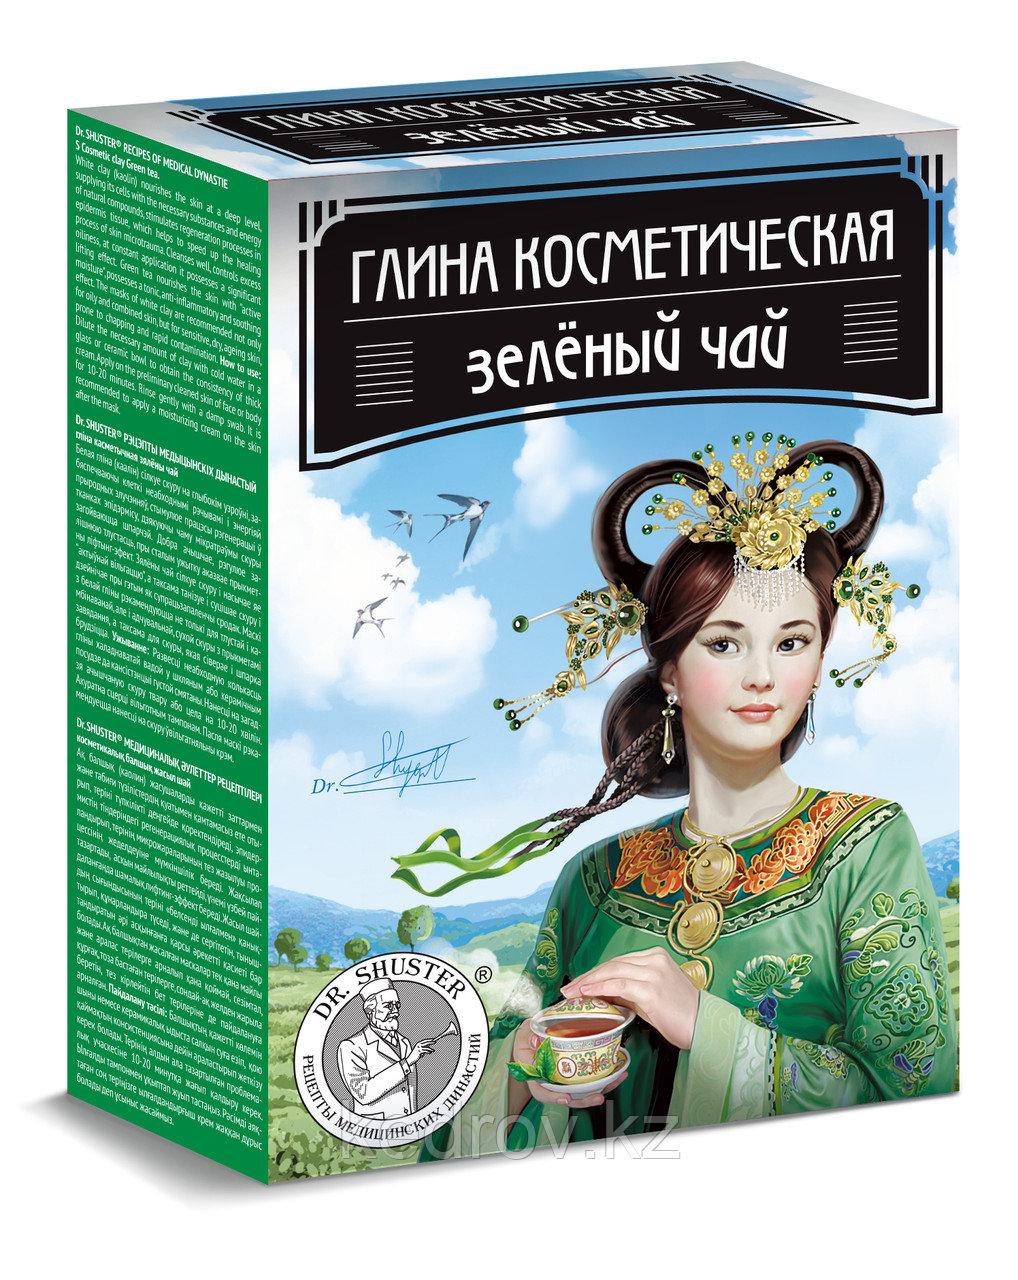 """Глина косметическая """"Зеленый чай"""", 100гр"""